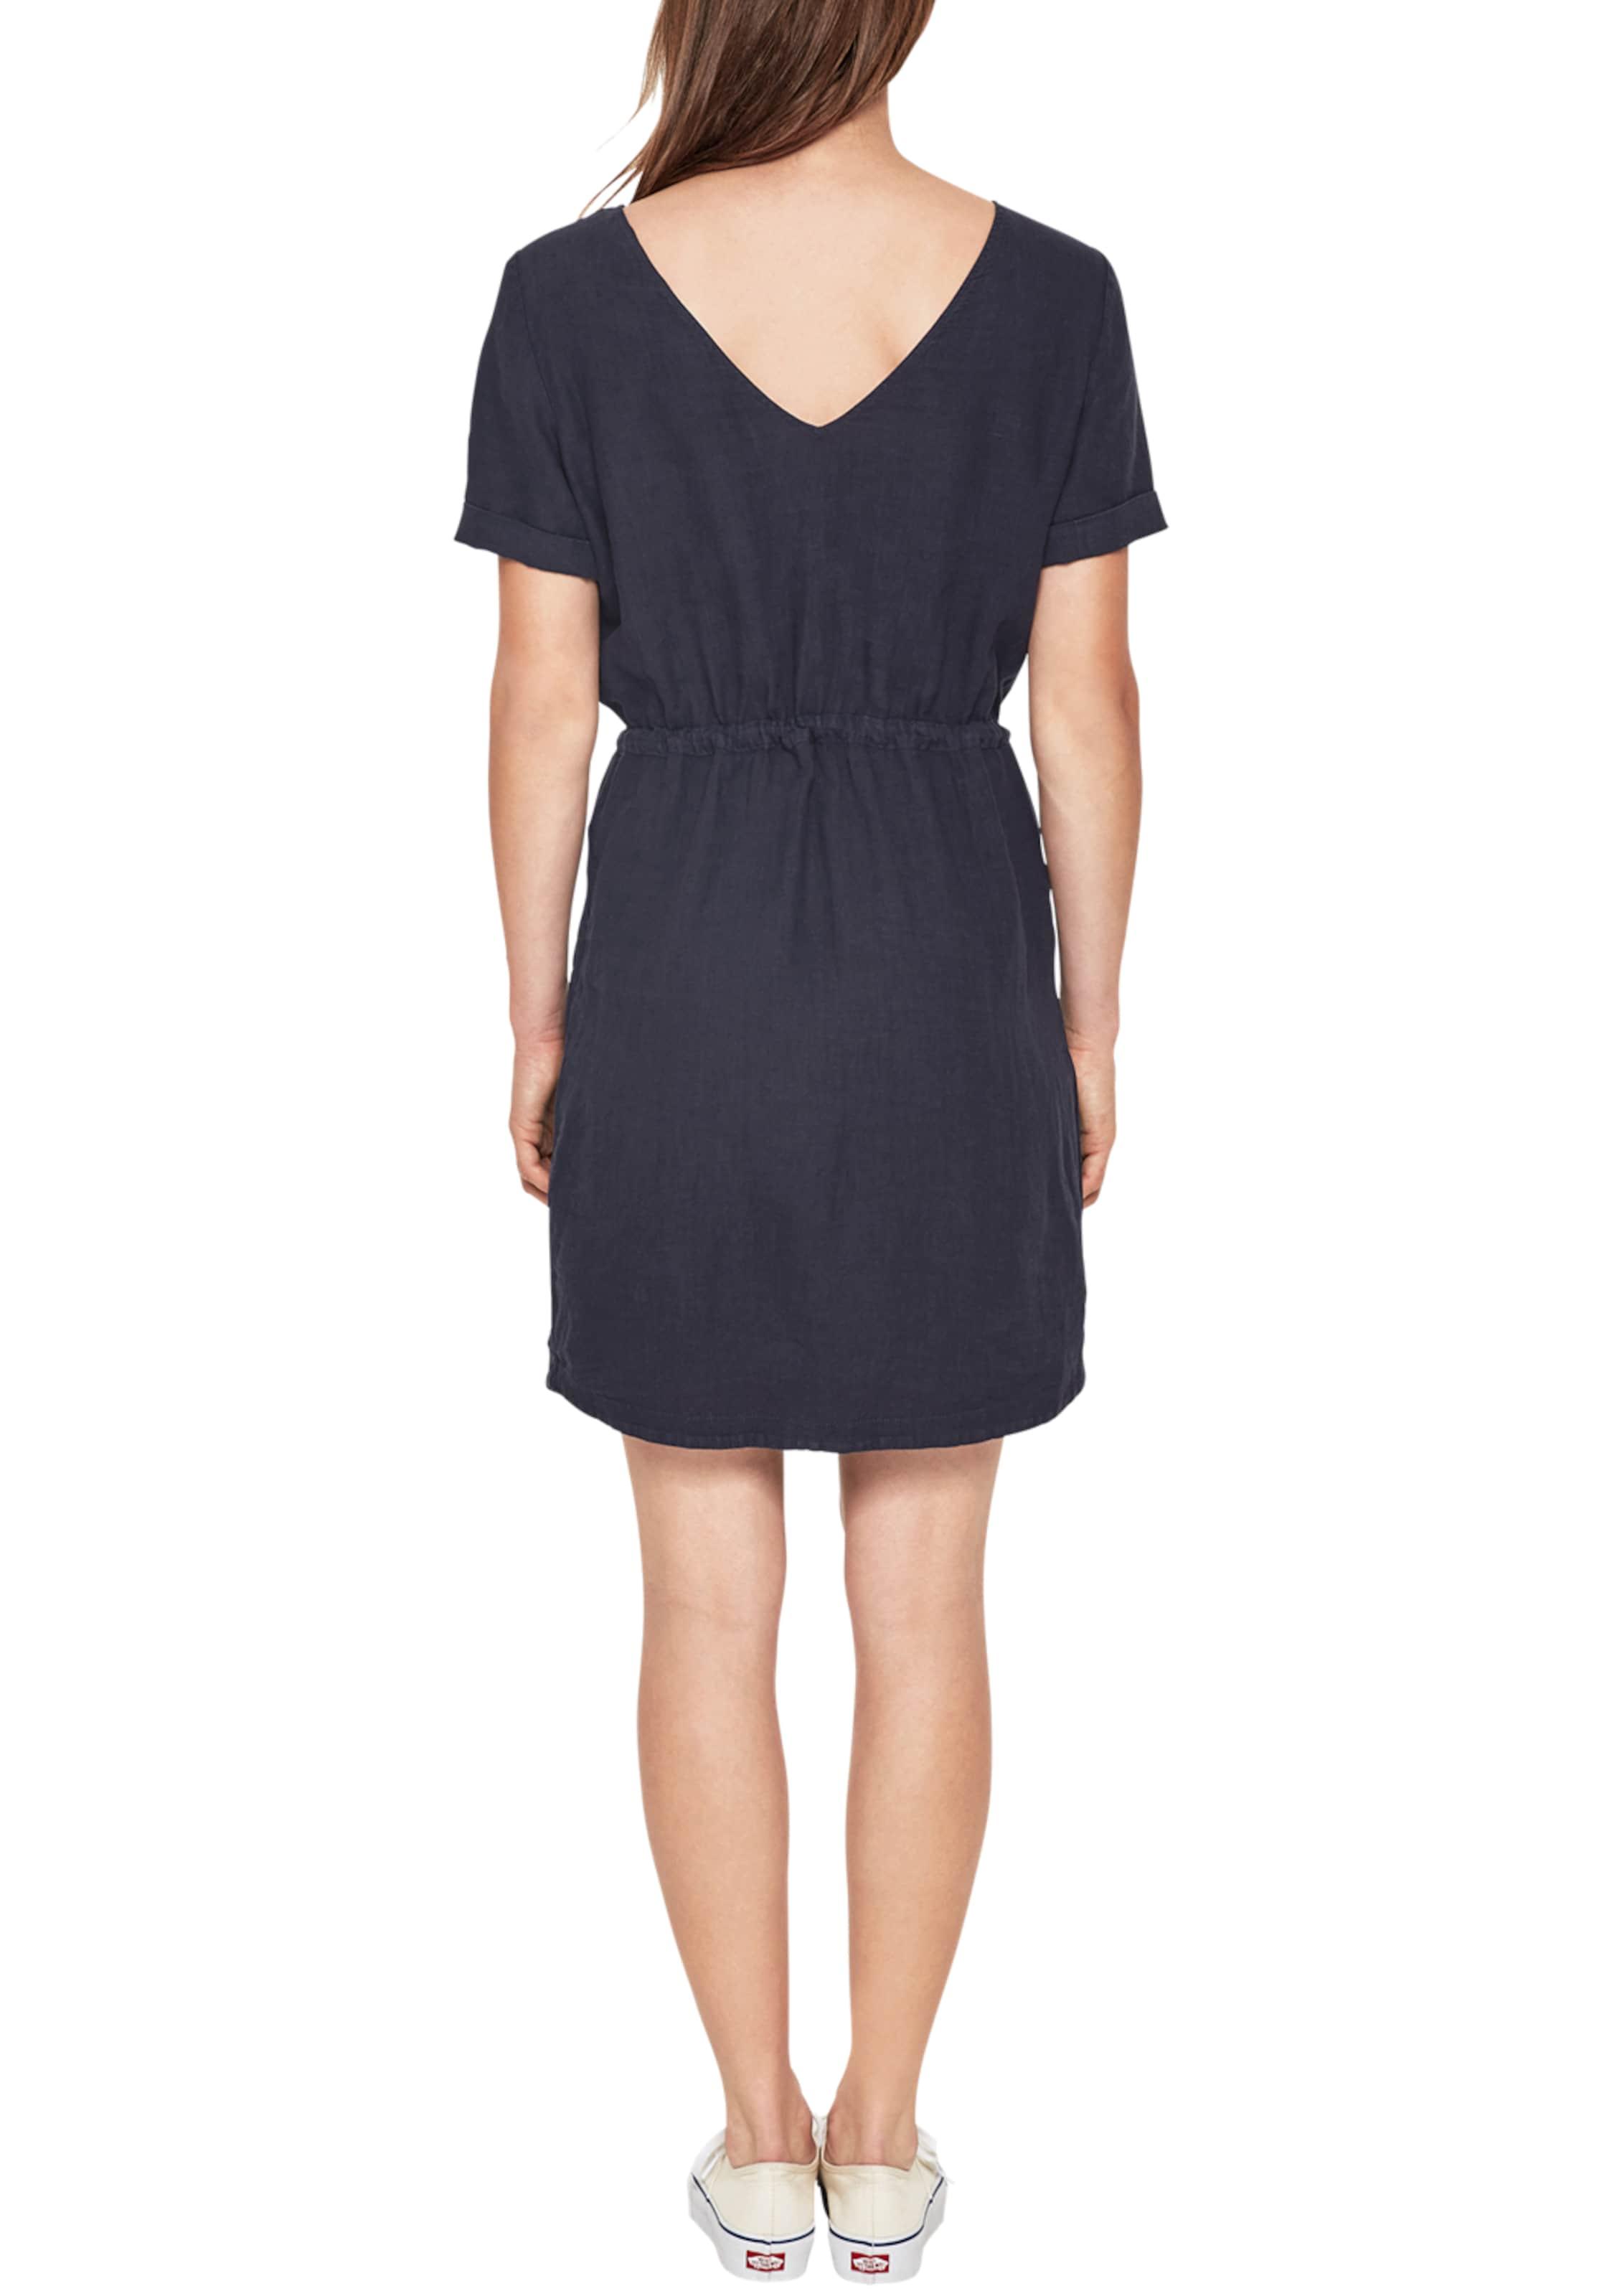 S Kleid Label Red oliver Nachtblau In nO0vN8wm